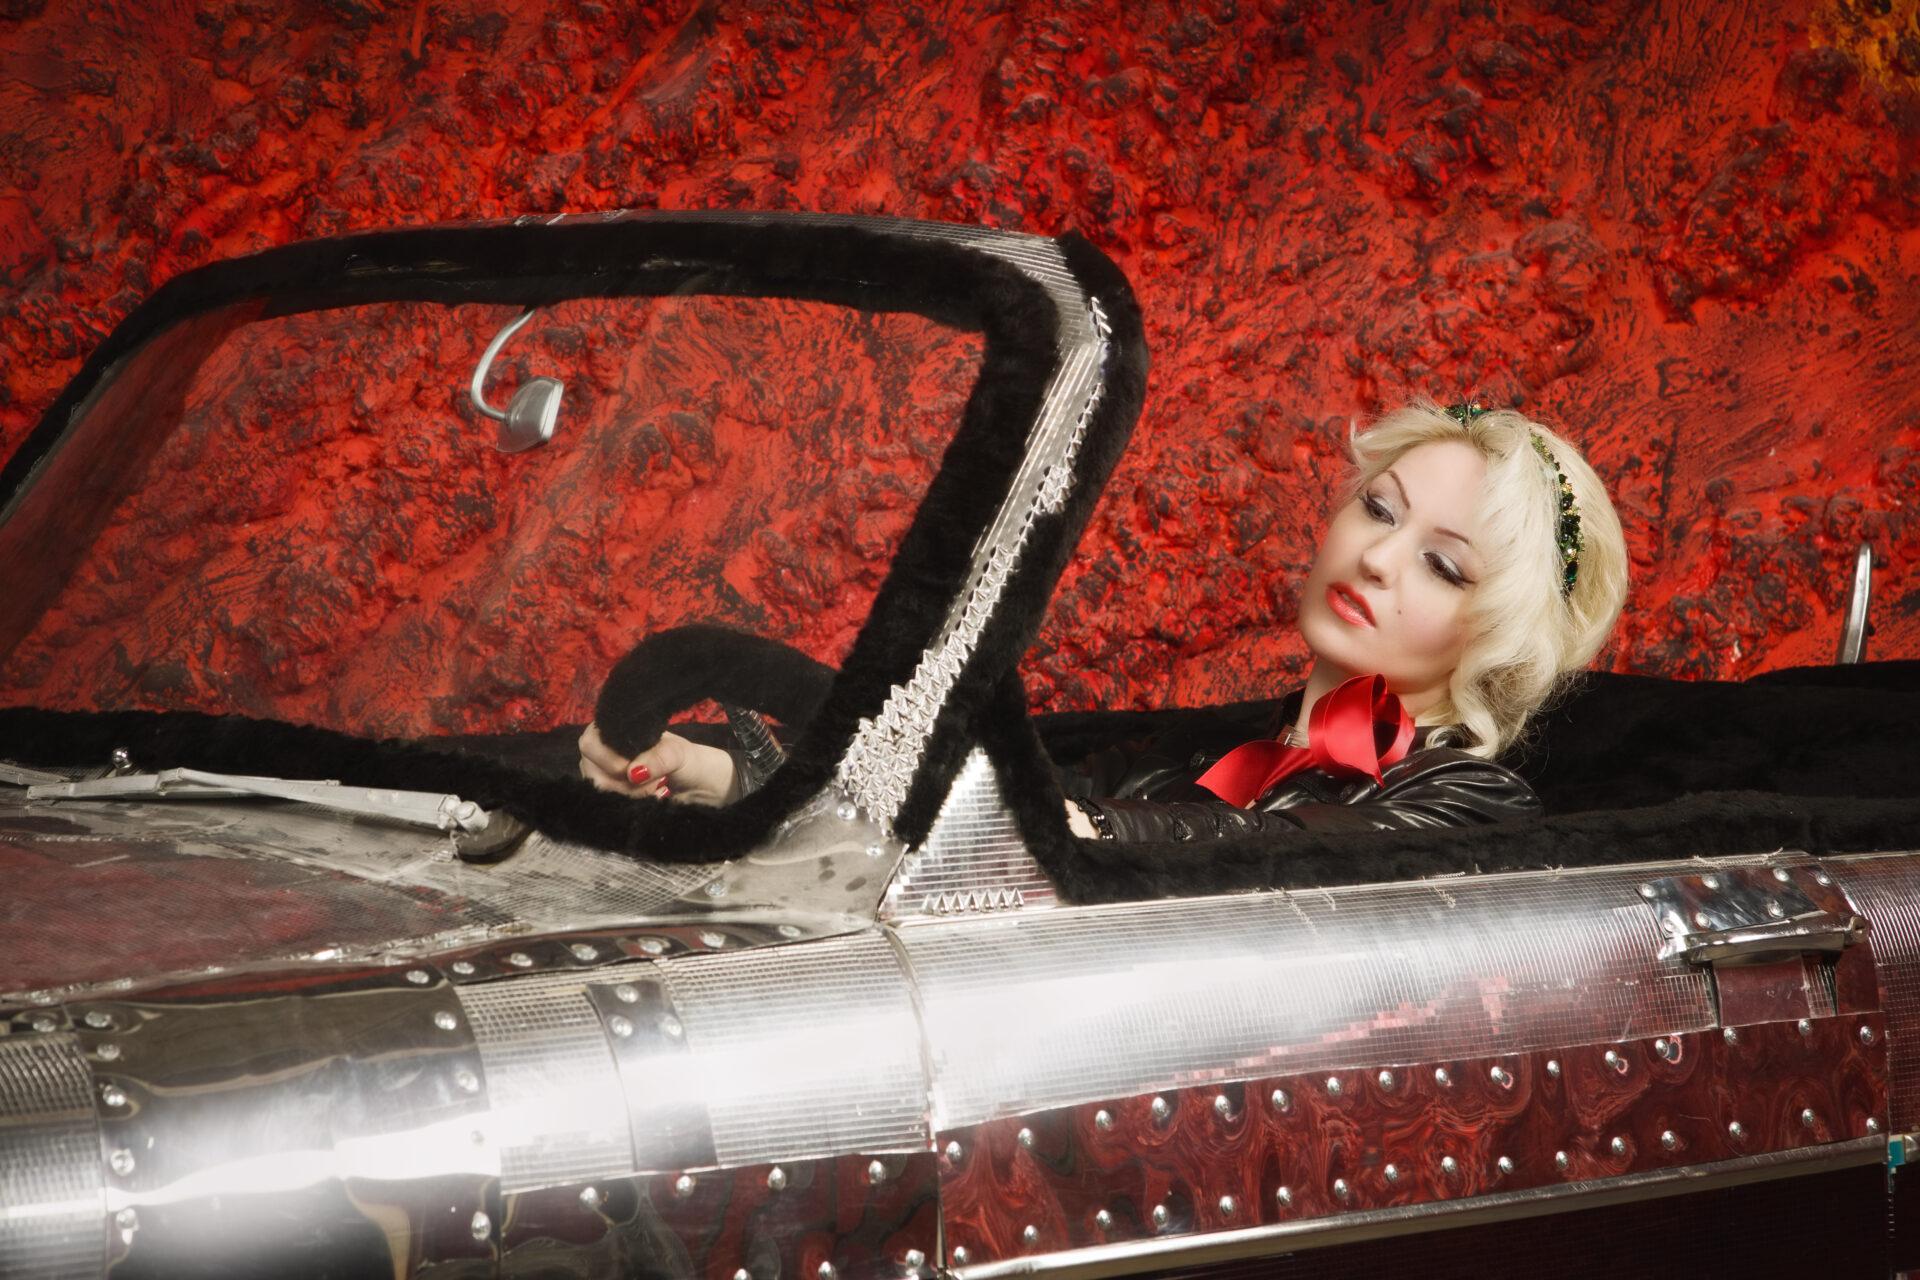 women driving a vintage Antique car